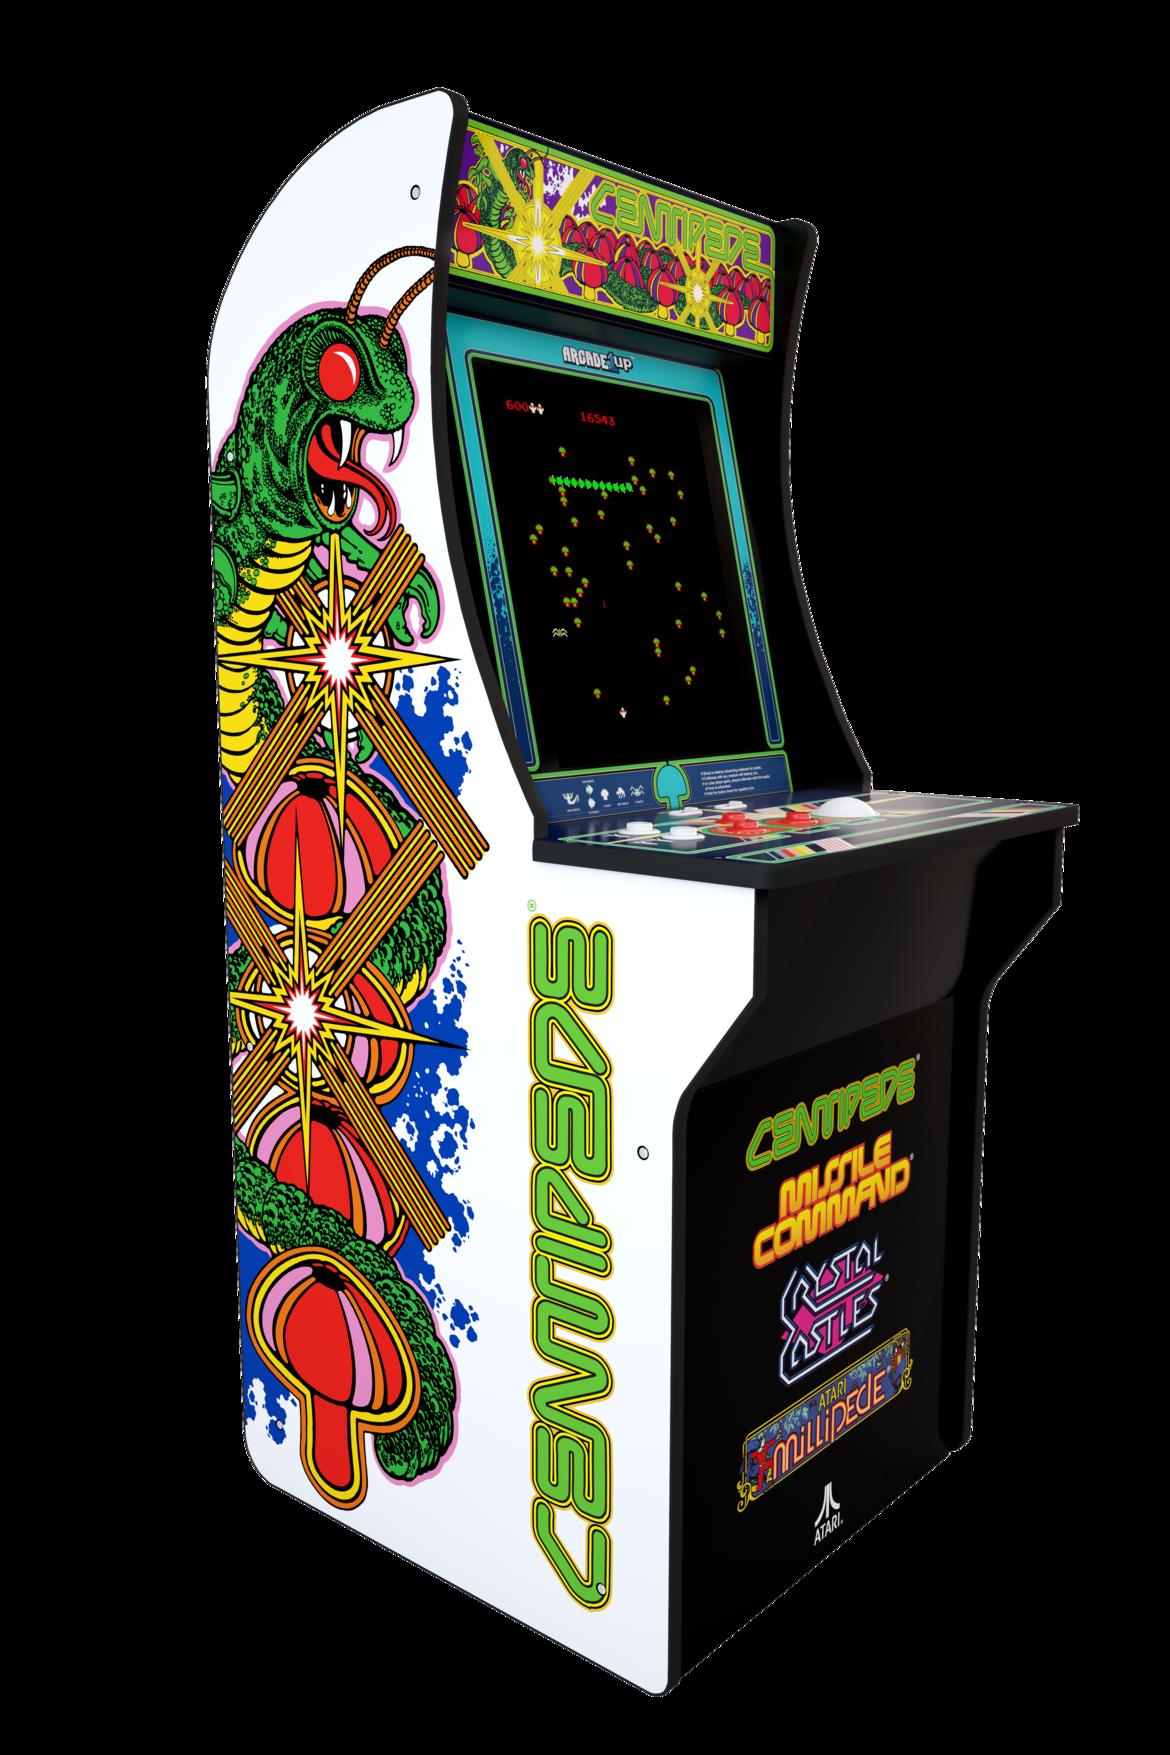 arcade 1up machine